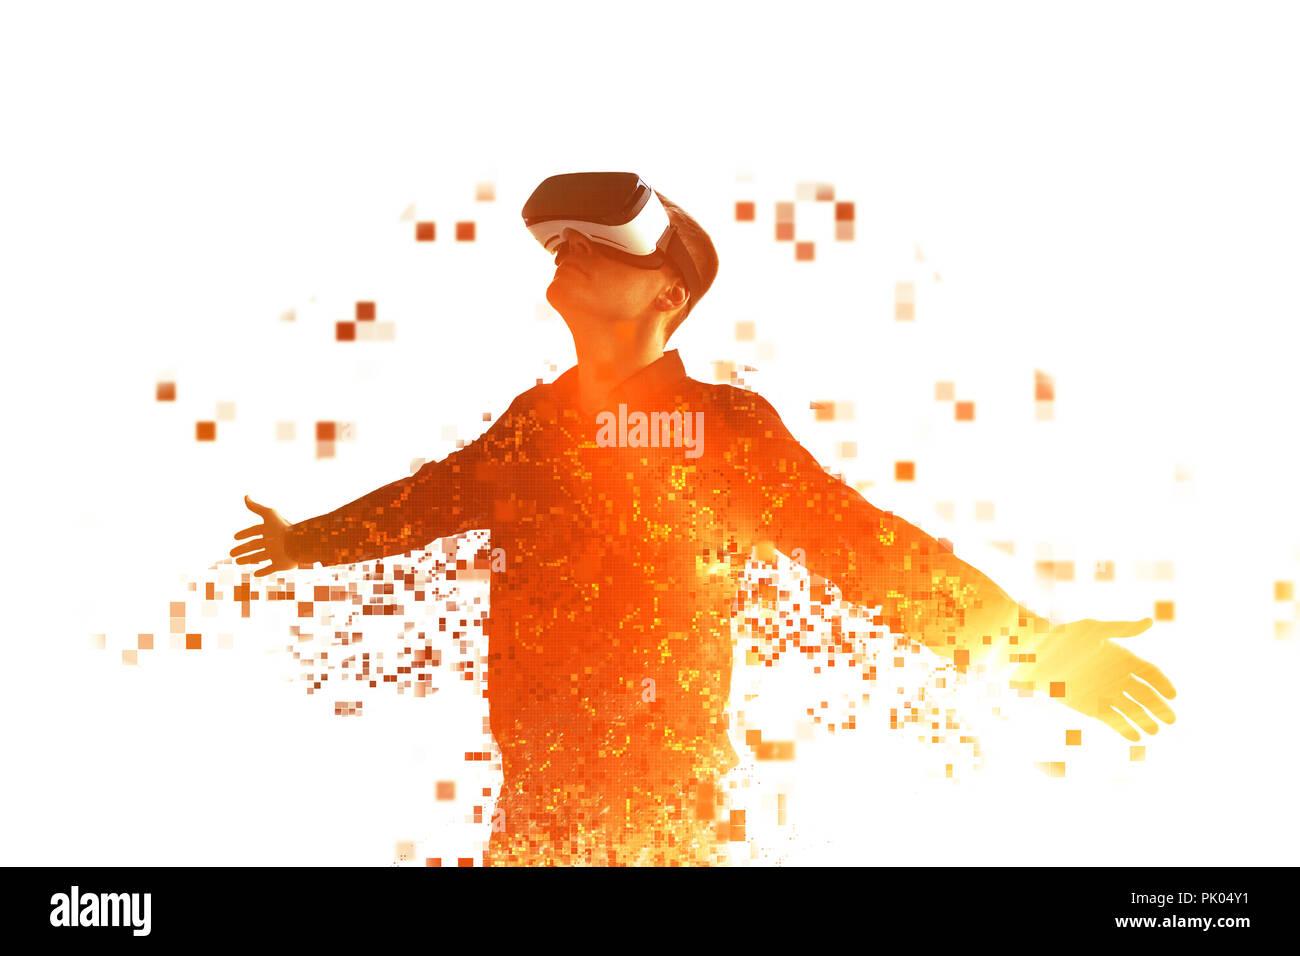 Una persona en gafas de realidad virtual vuela a píxeles. El concepto de nuevas tecnologías y tecnologías del futuro. Gafas de VR. Imagen De Stock